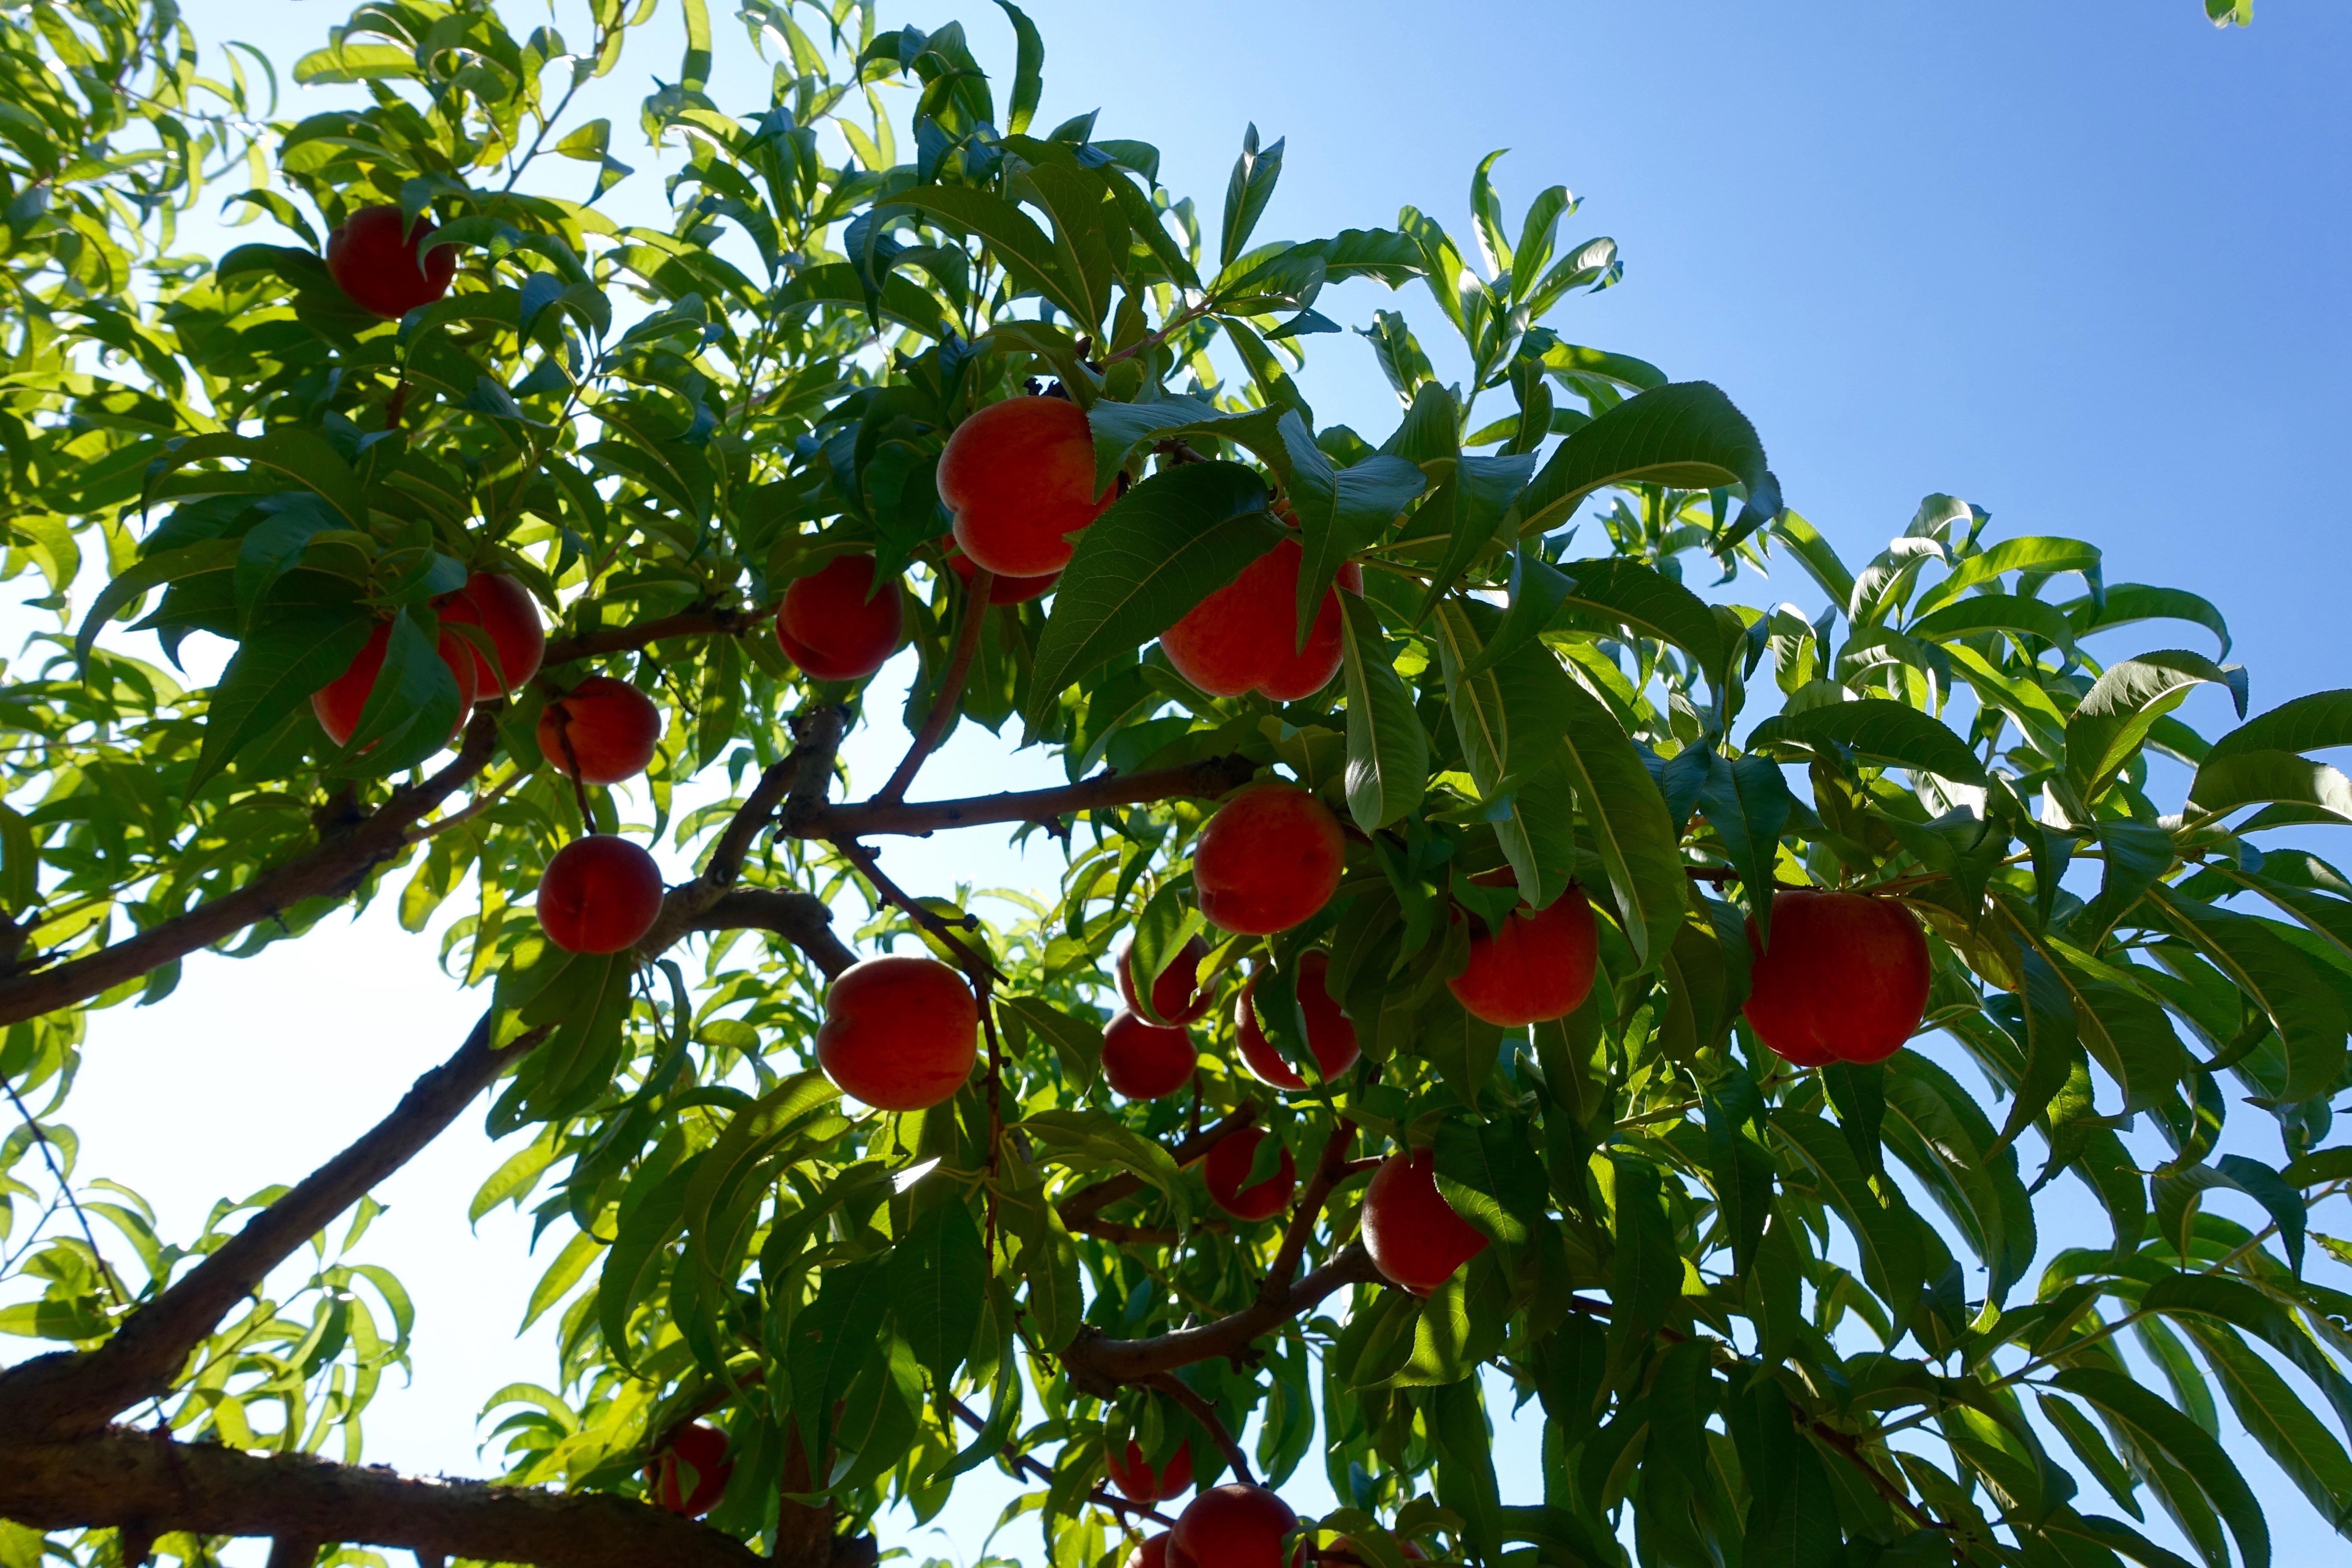 Peaches on peach tree